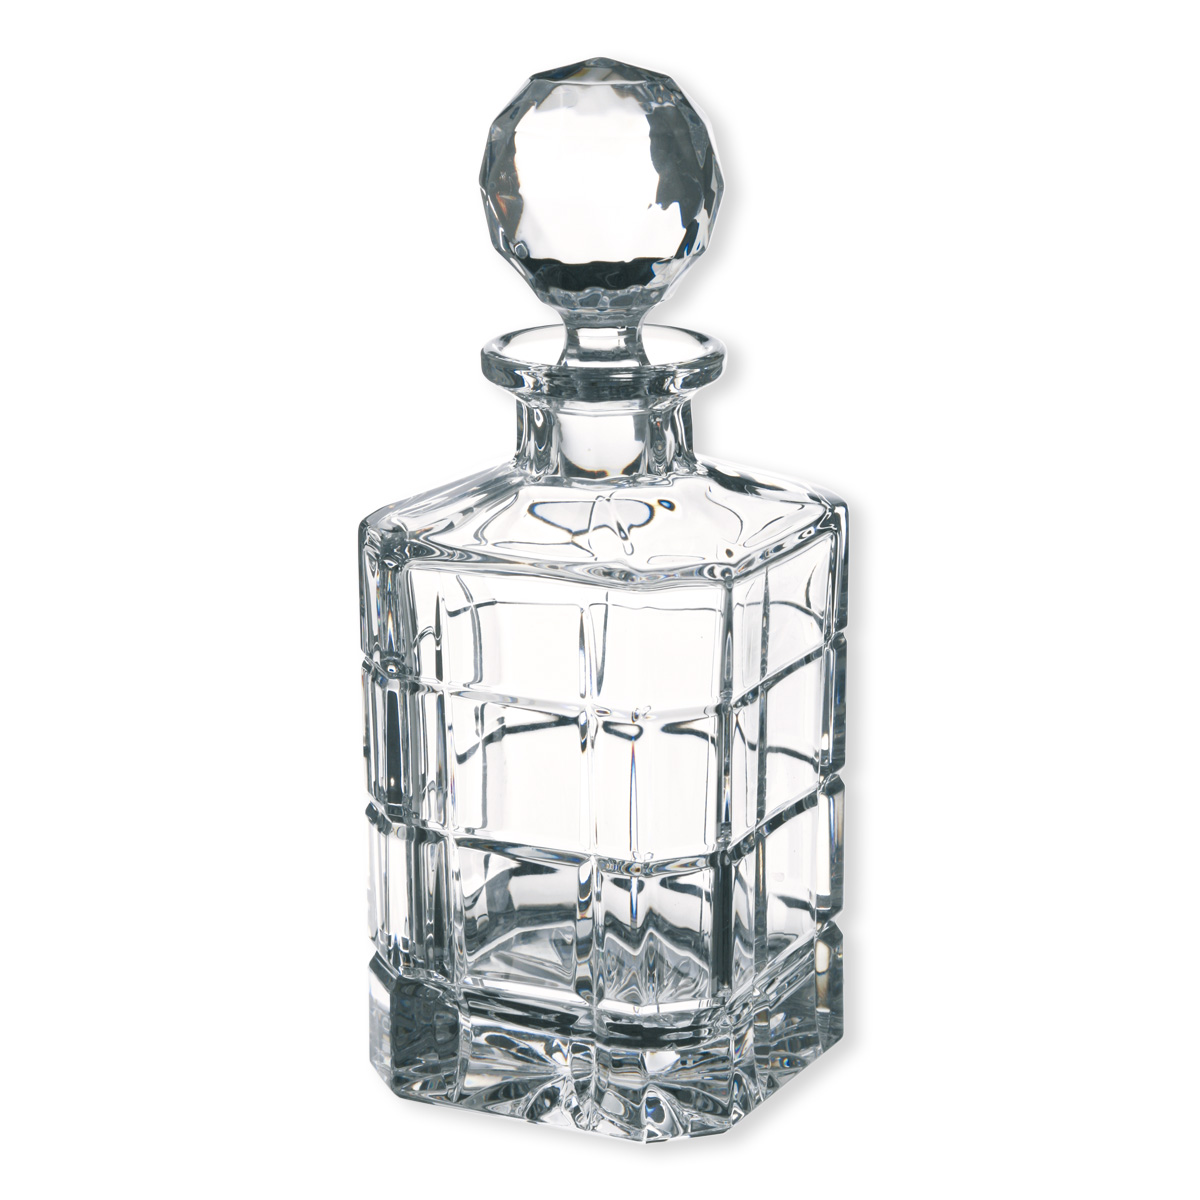 carafe whisky timesquare en cristal verrerie chic bruno evrard. Black Bedroom Furniture Sets. Home Design Ideas